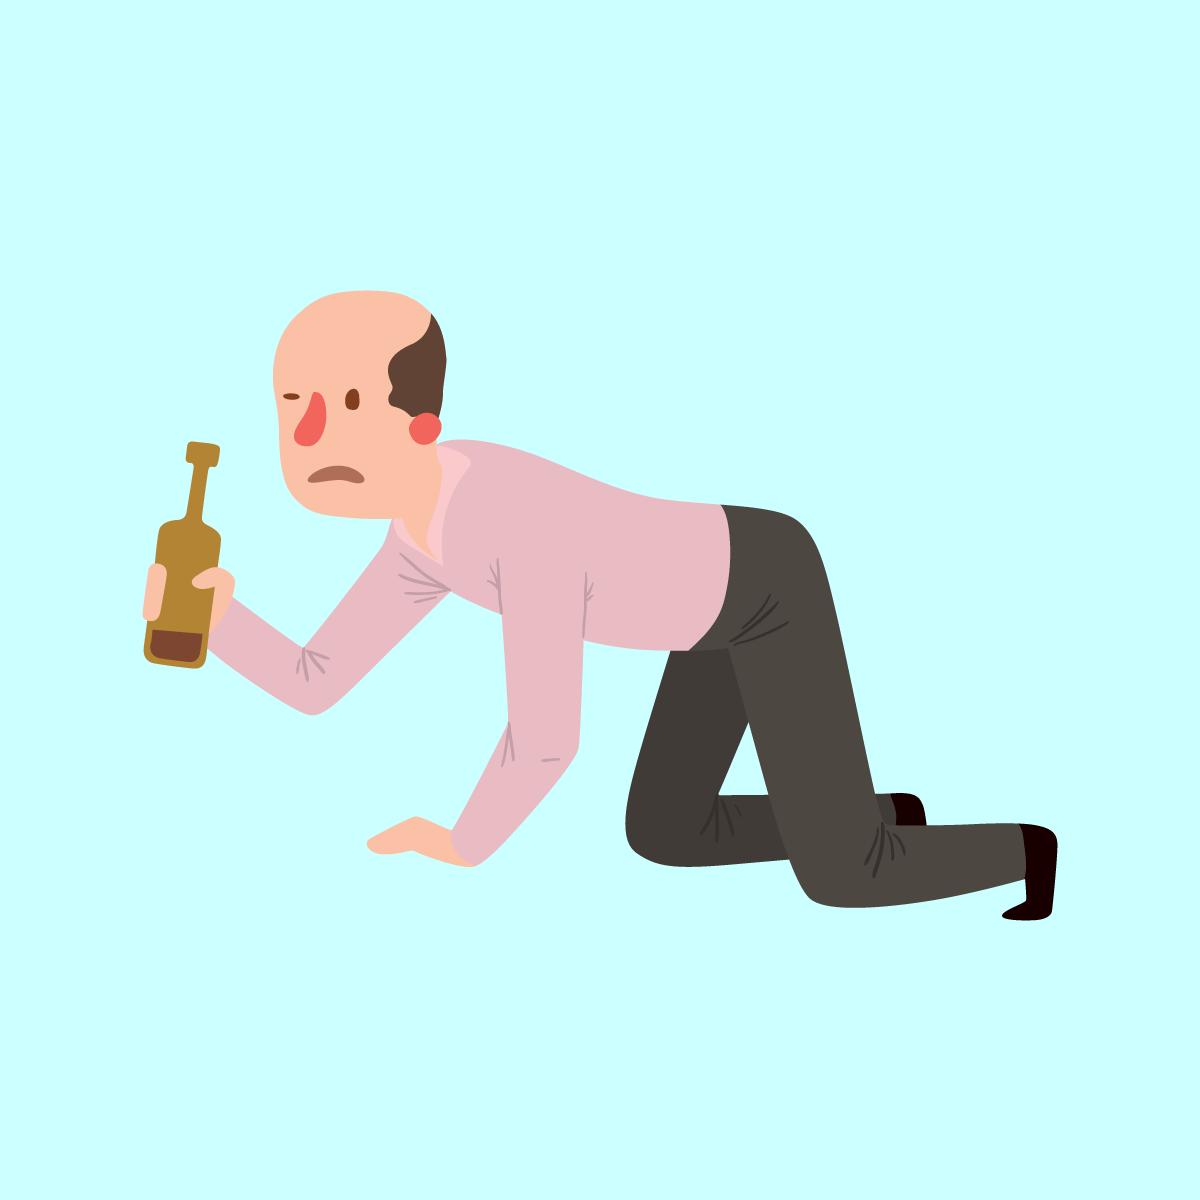 Анекдот пропьянчугу, который пообещал жене непить полгода